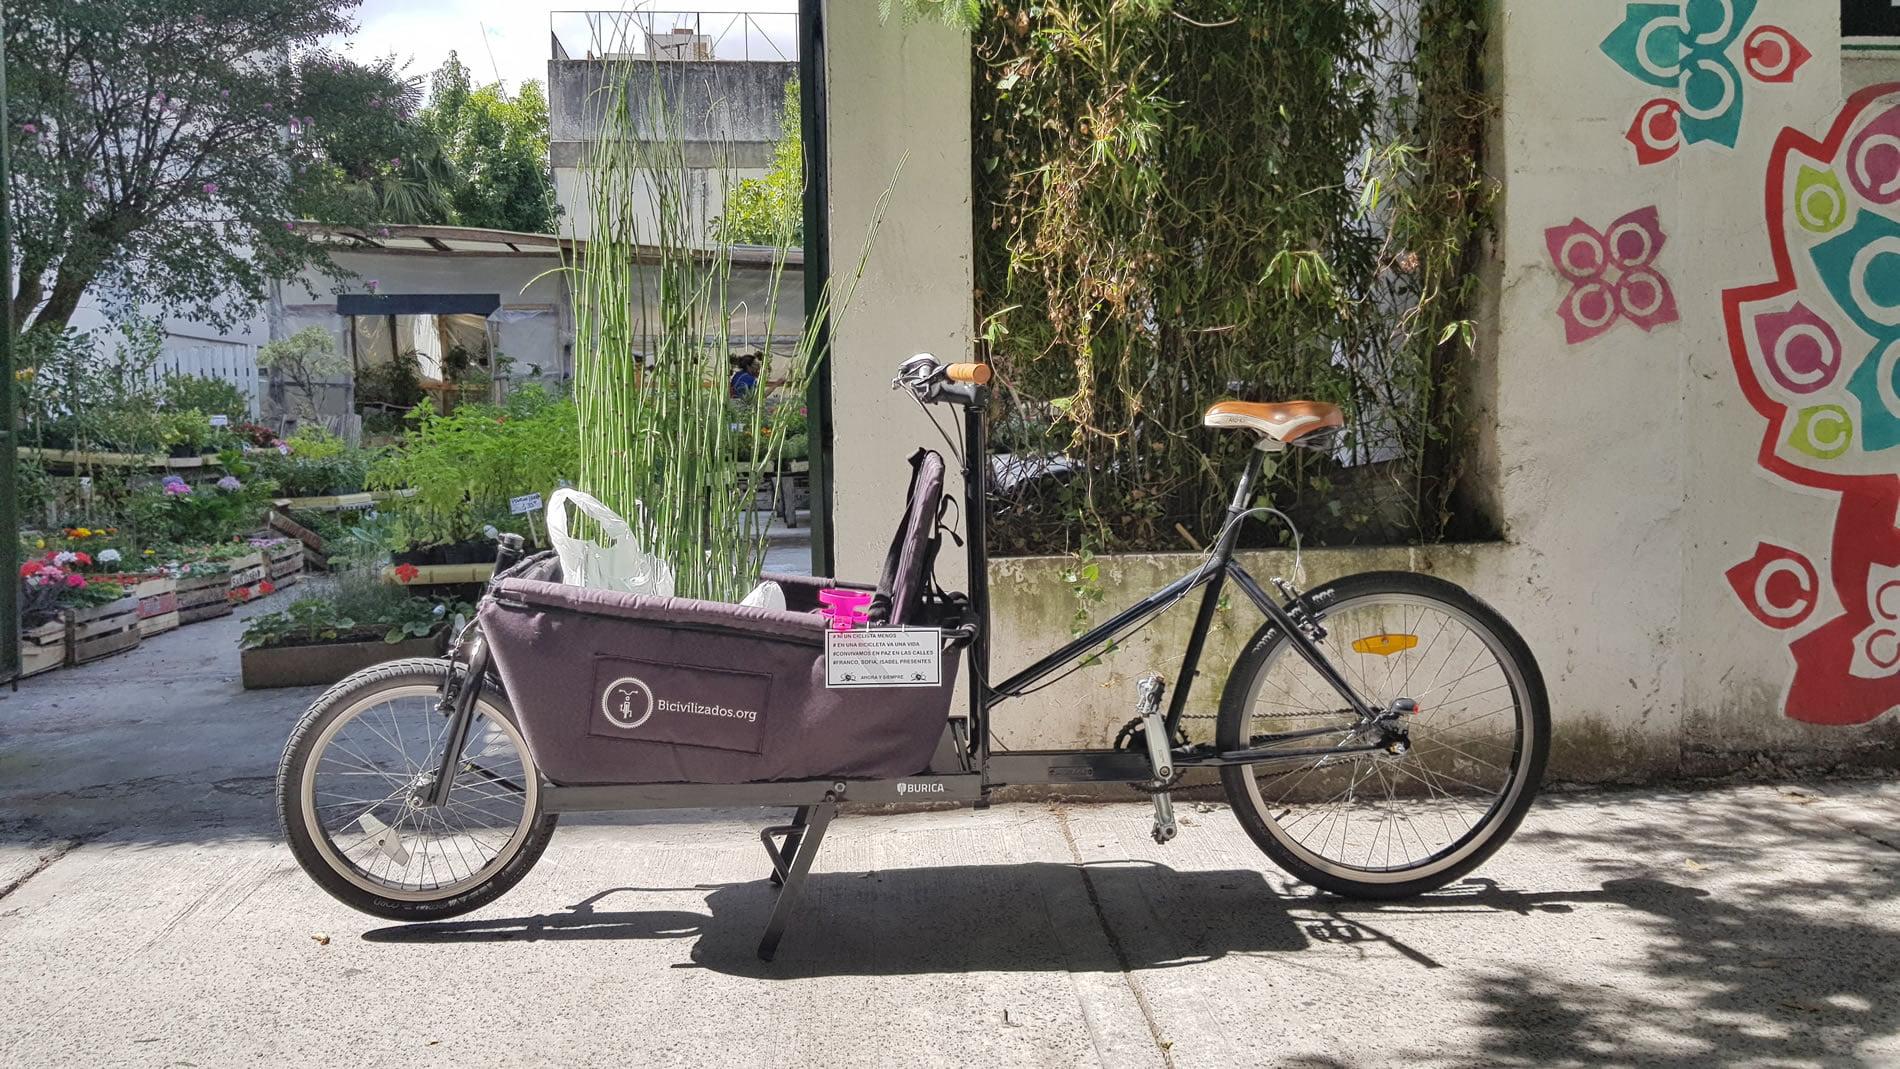 bicivilizados cargo bike